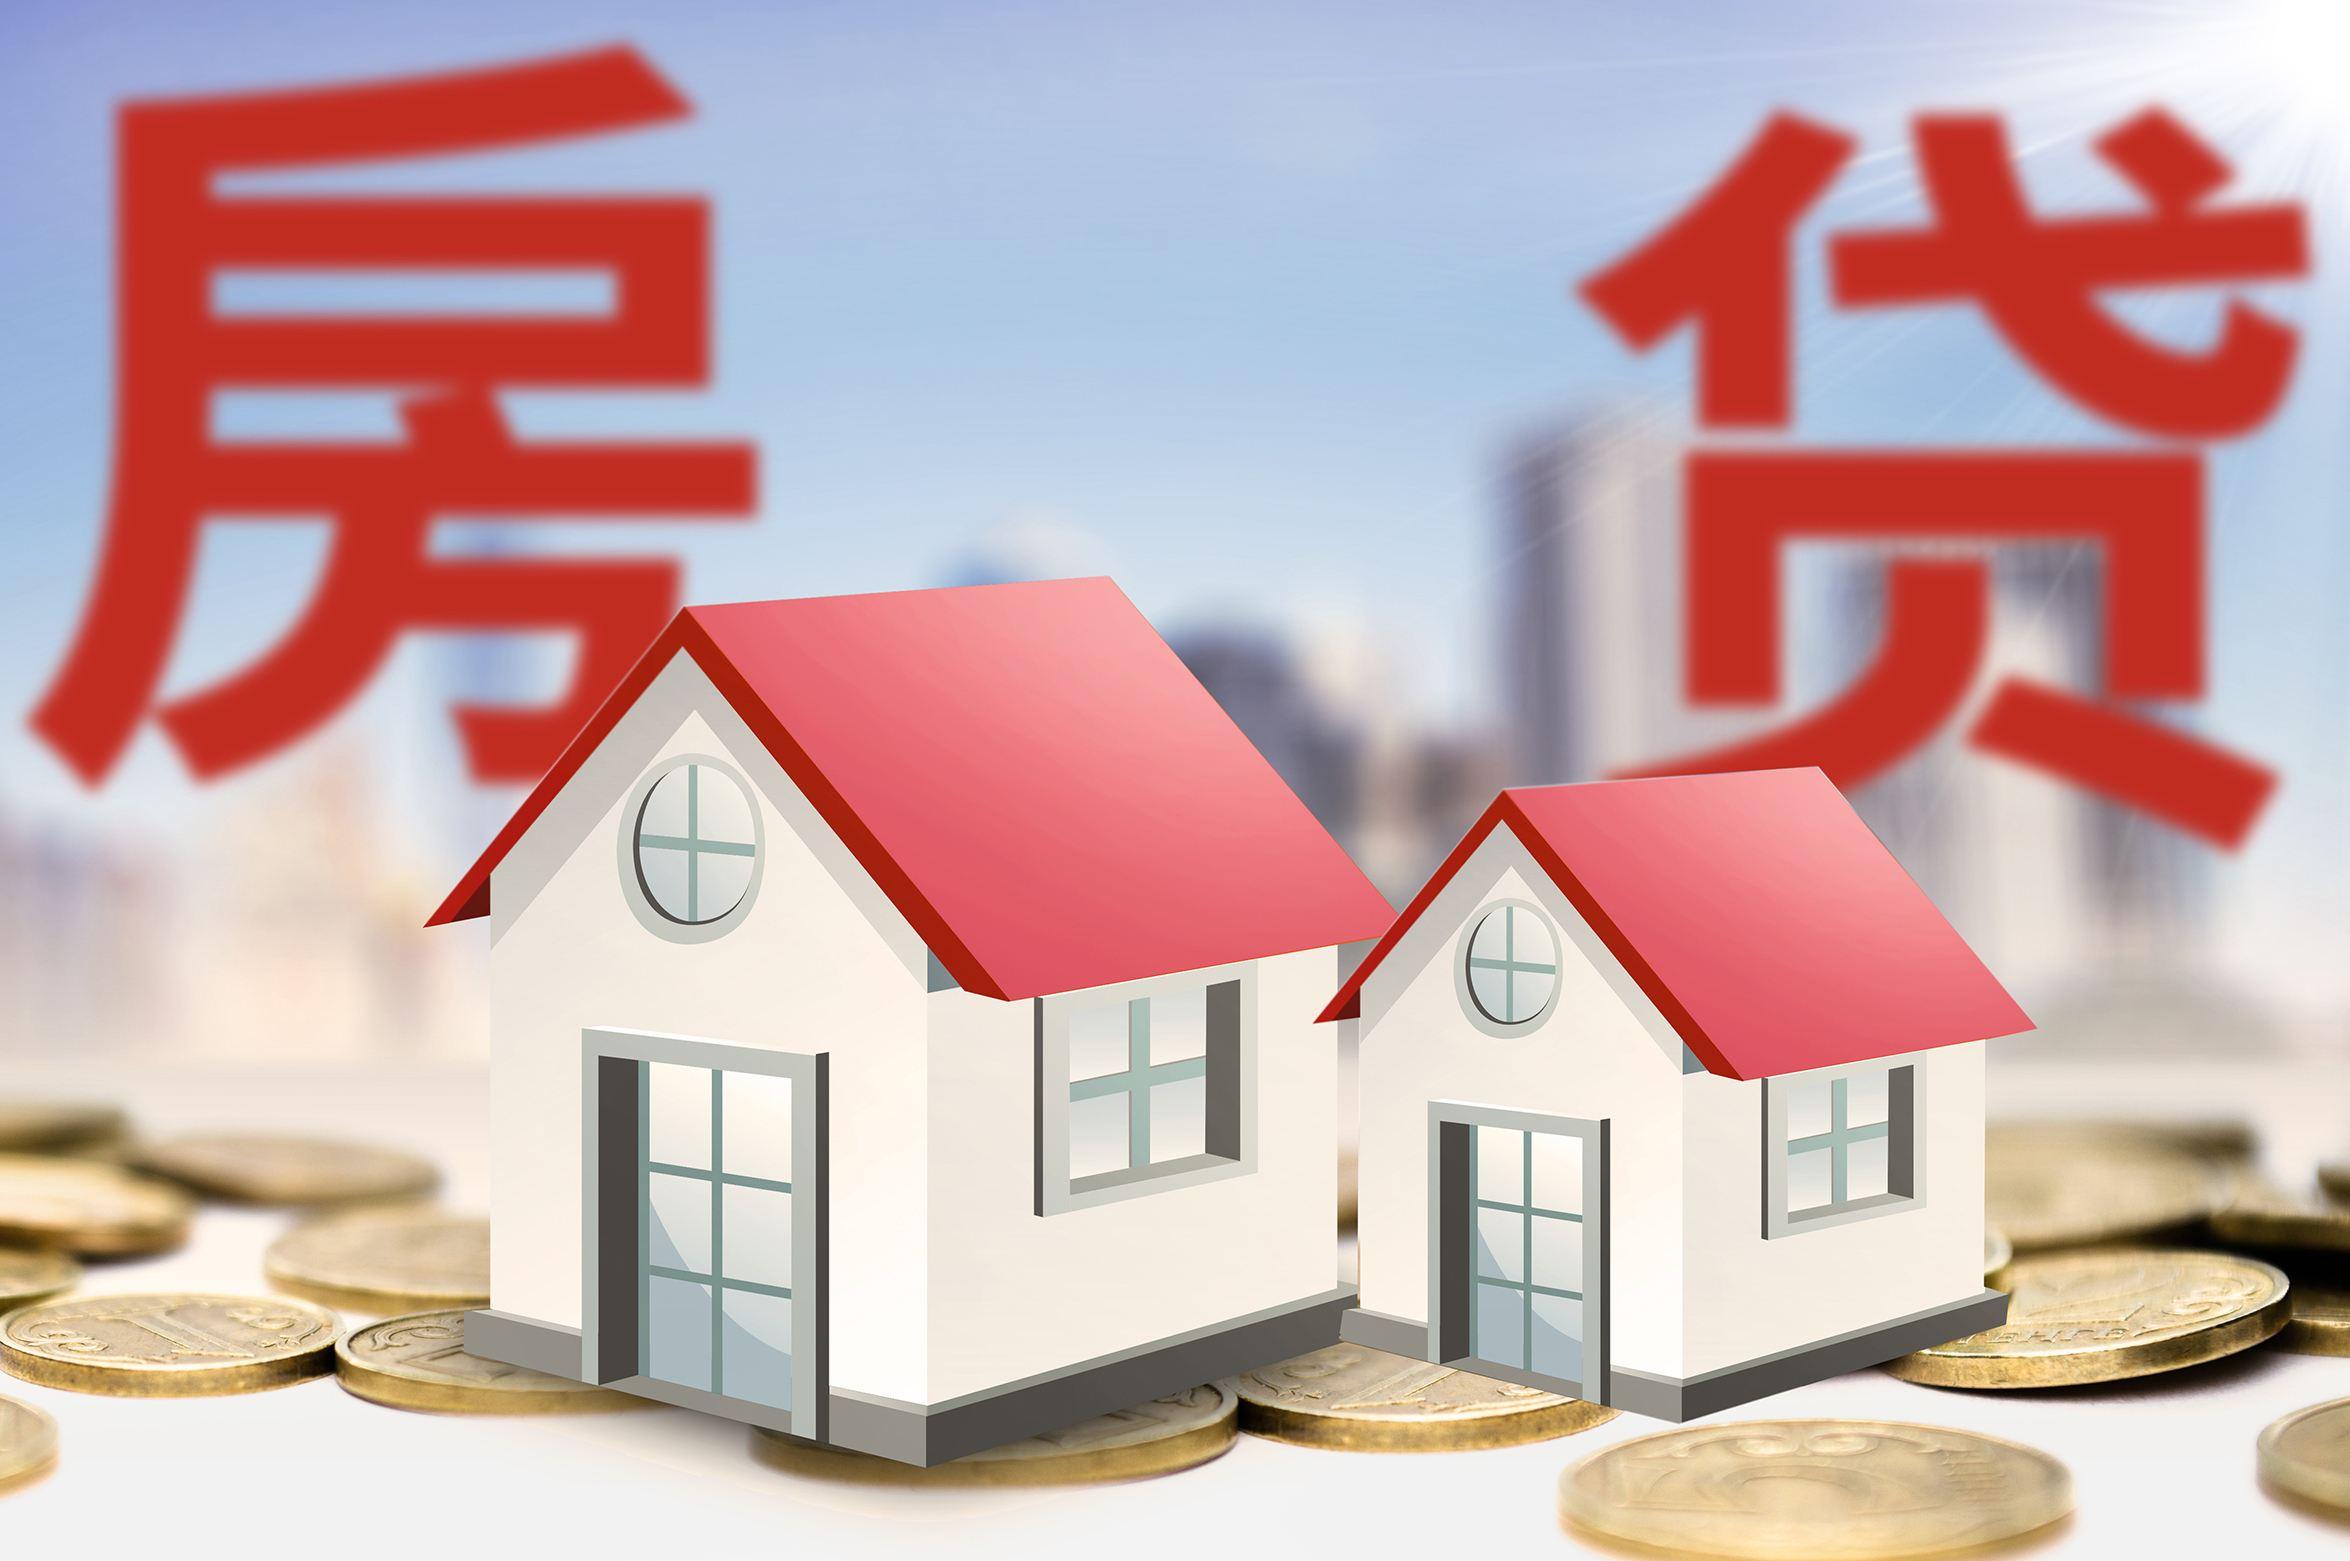 房贷期限最长多少年?房贷期限长好还是短好